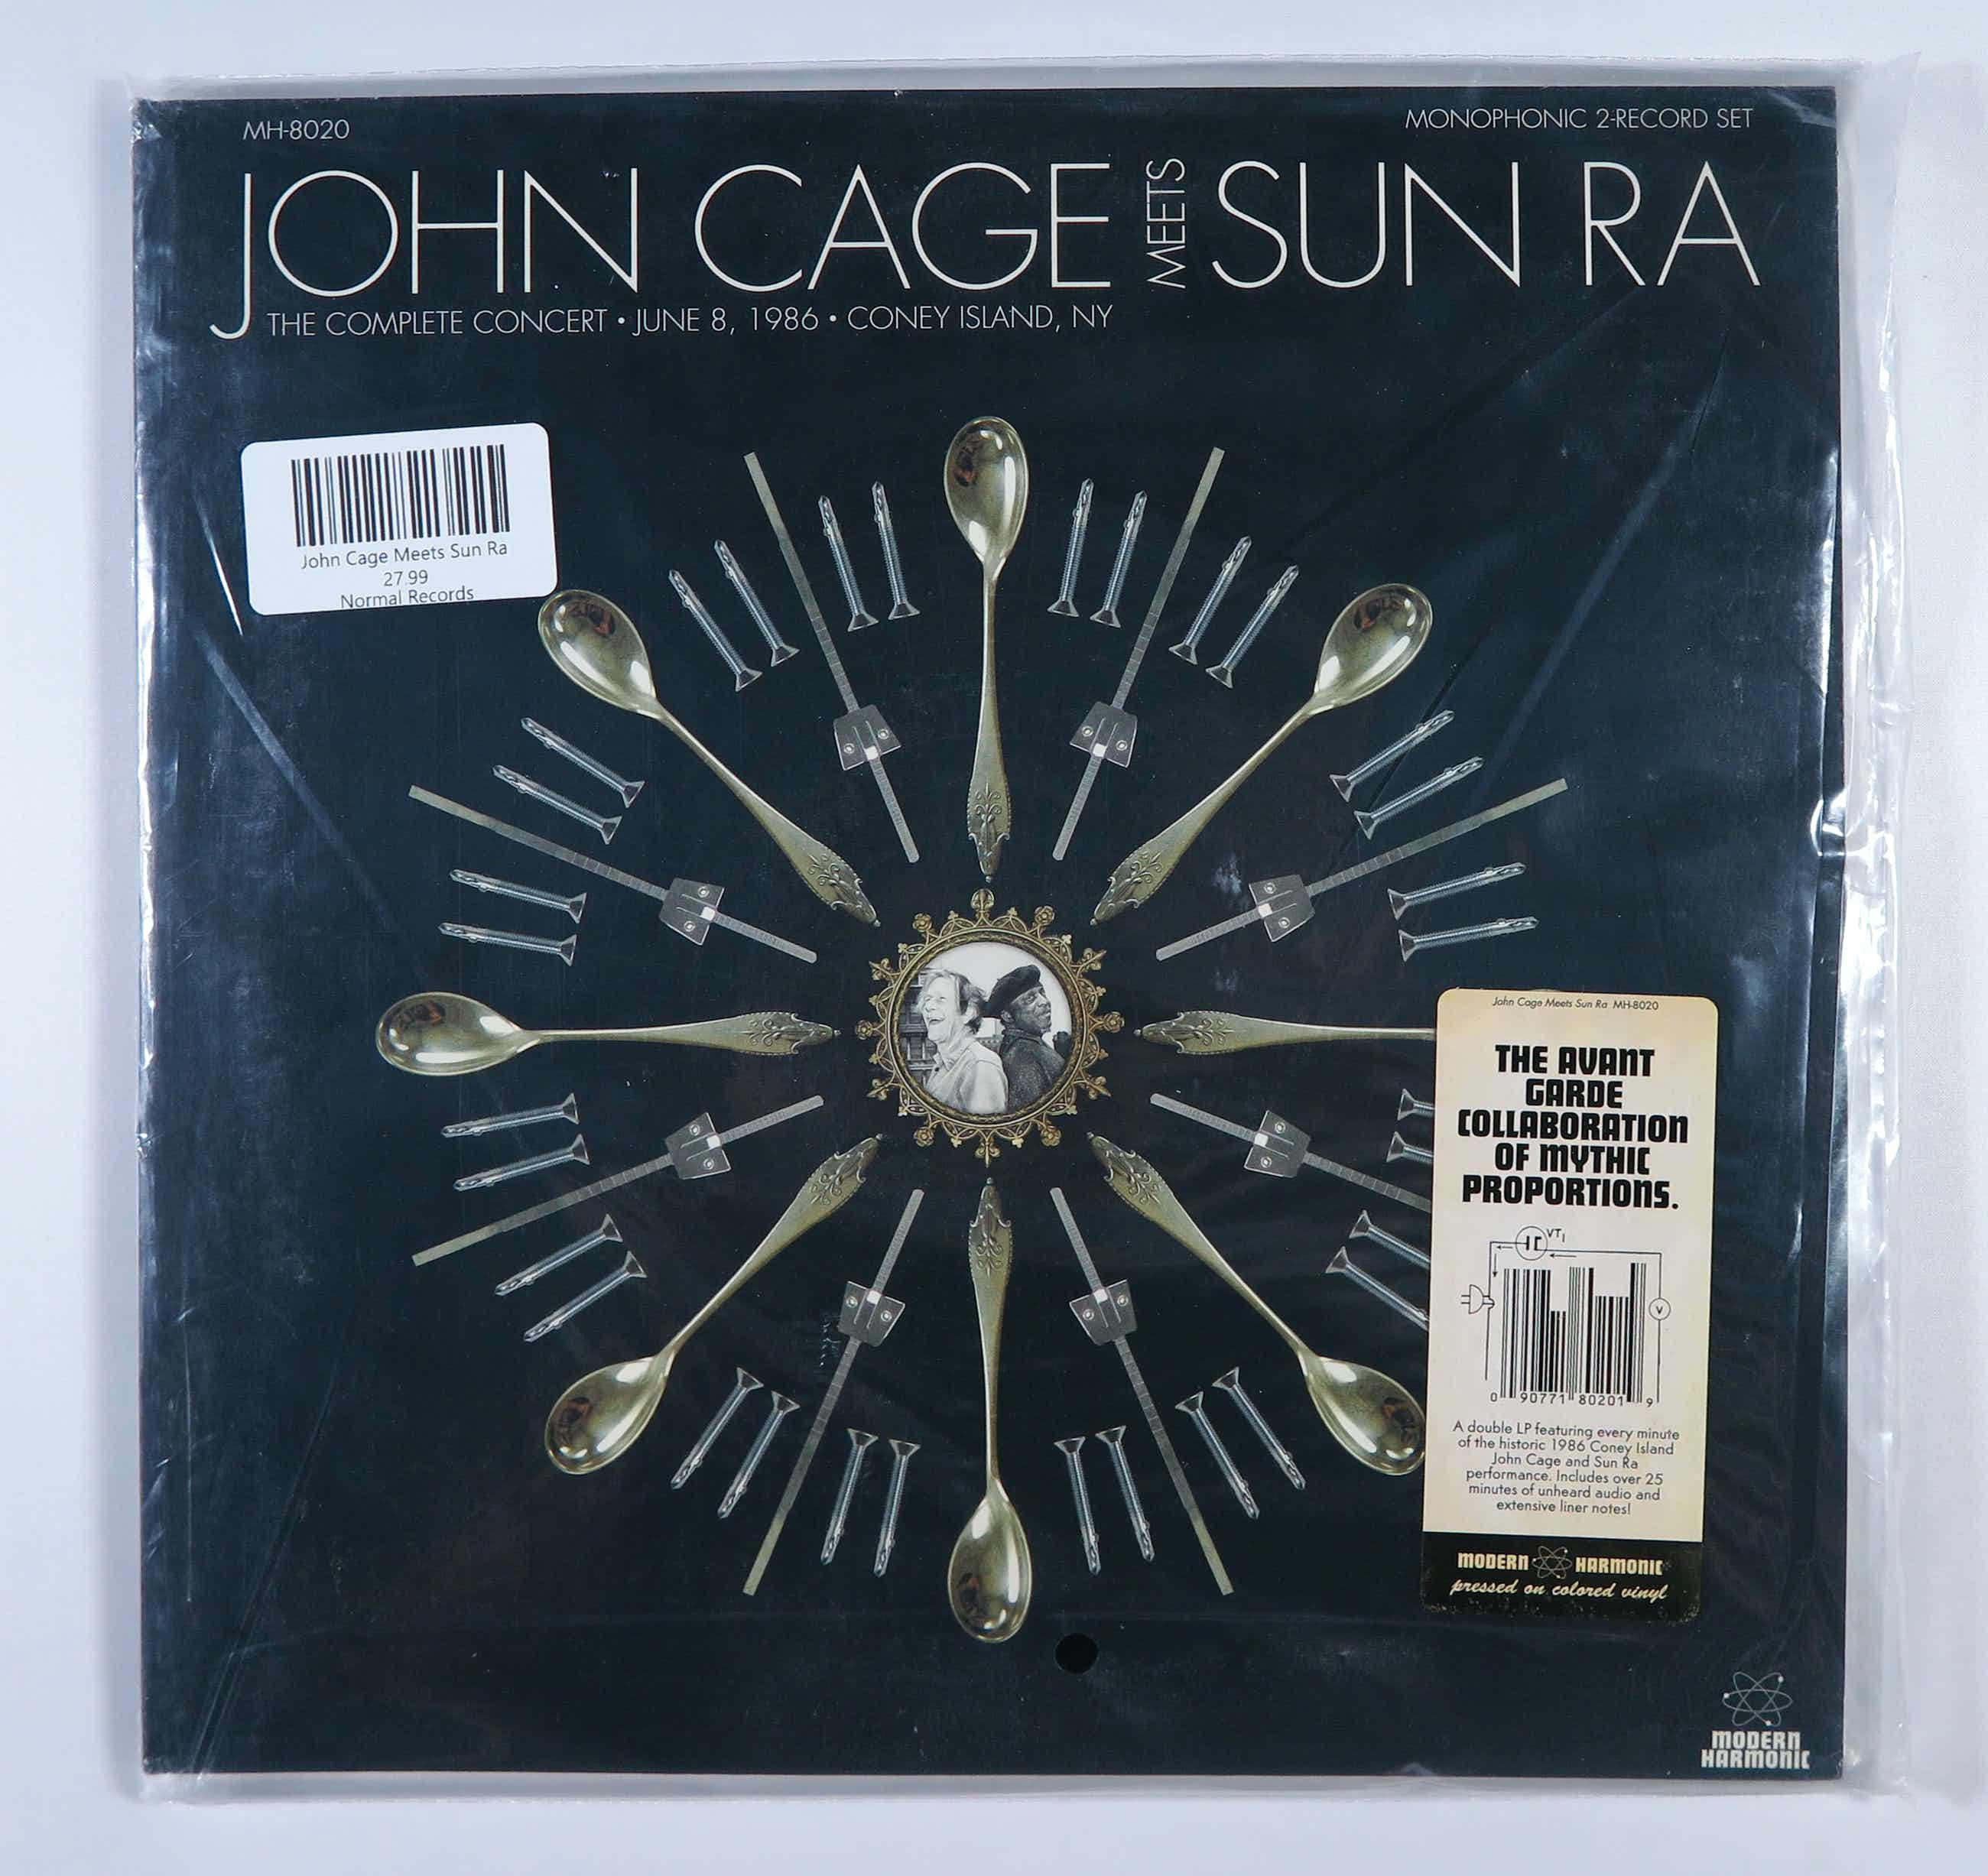 John Cage - 2LP - The Complete Concert June 8, 1986 - Coney Island, NY kopen? Bied vanaf 20!